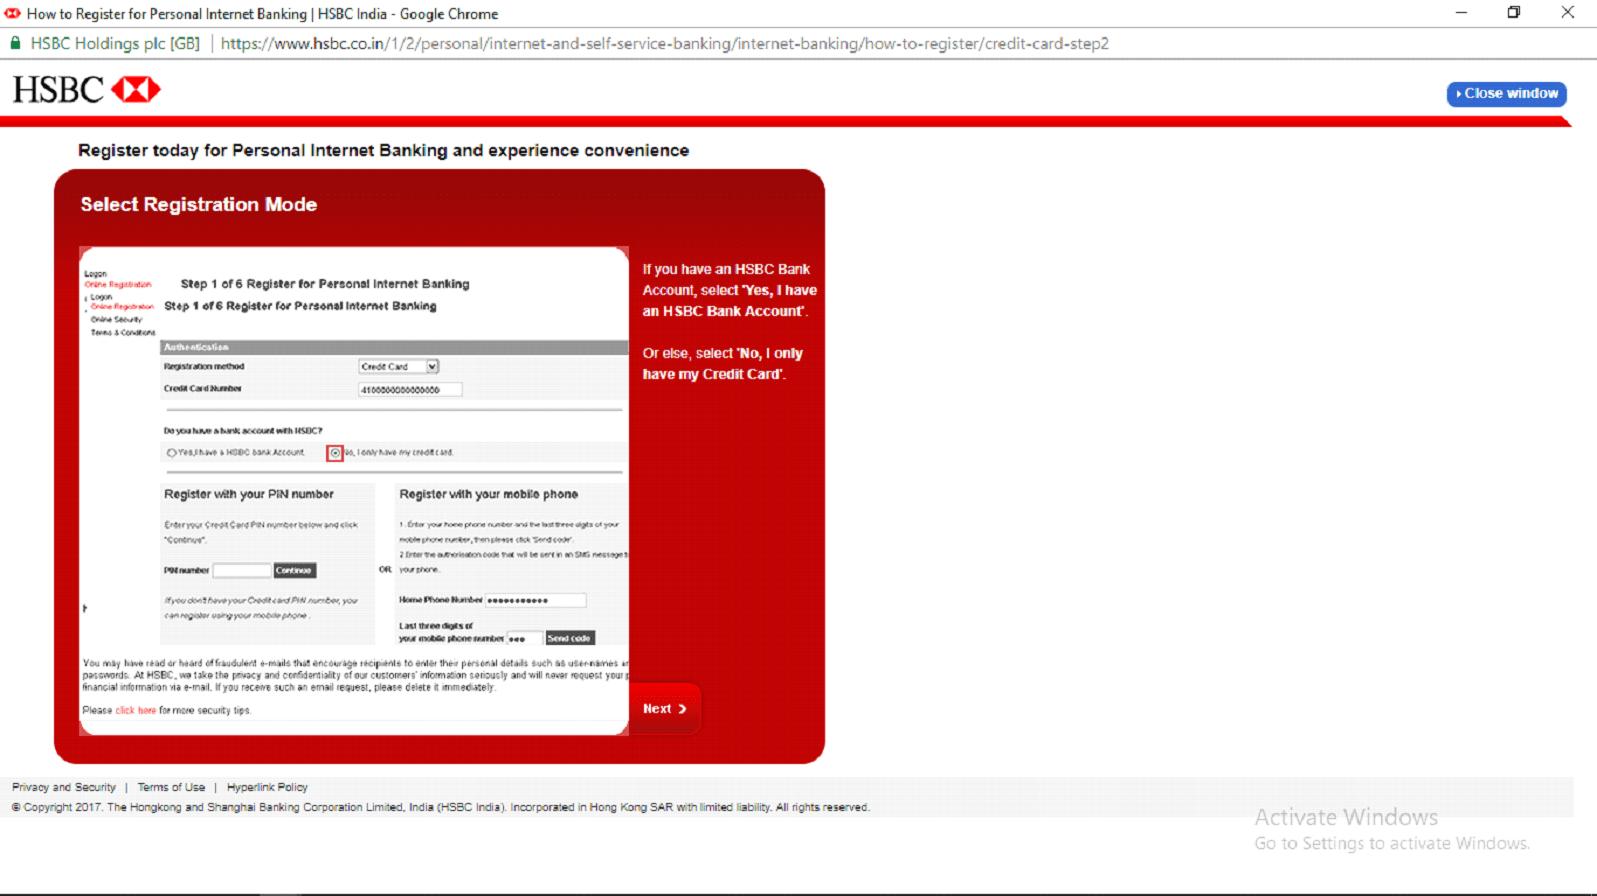 HSBC Credit Cards registration mode